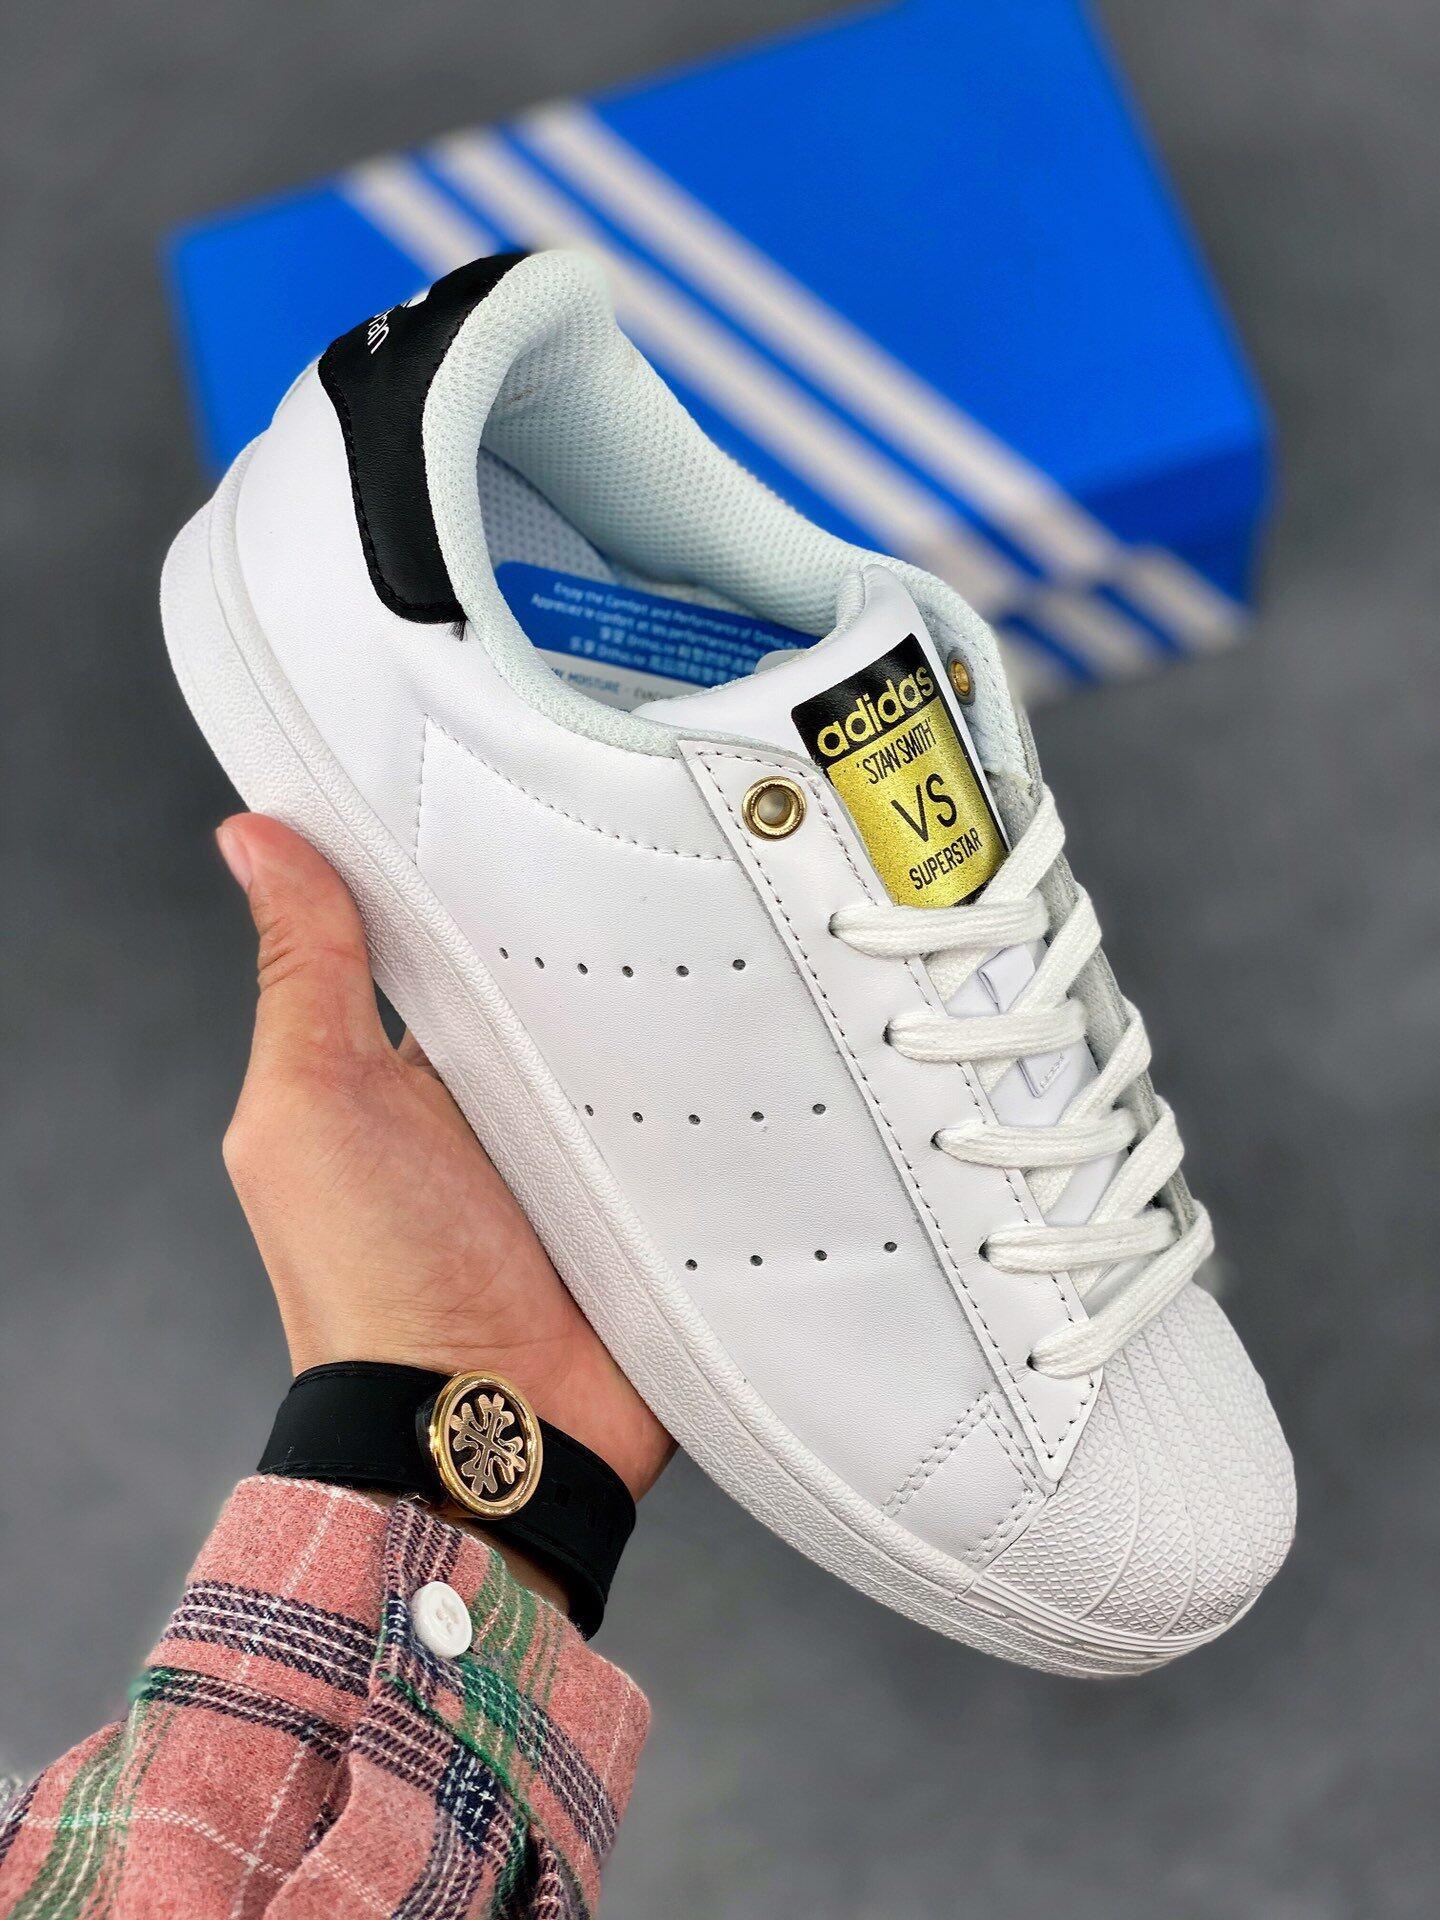 2520夏季新款联名小白鞋低帮系带男女鞋贝壳头经典休闲板鞋 莆田鞋